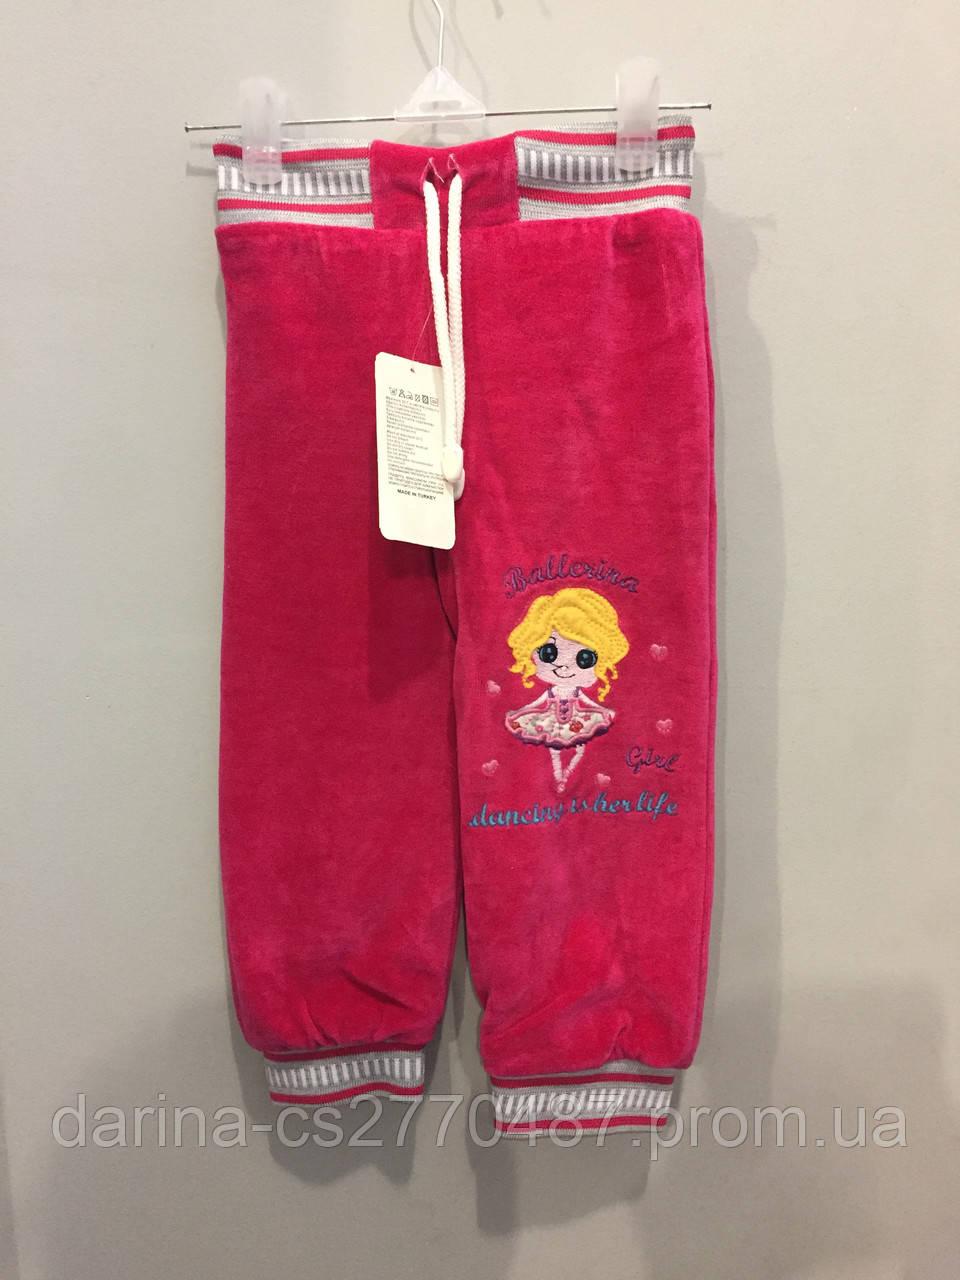 Теплые велюровые штаны для девочки